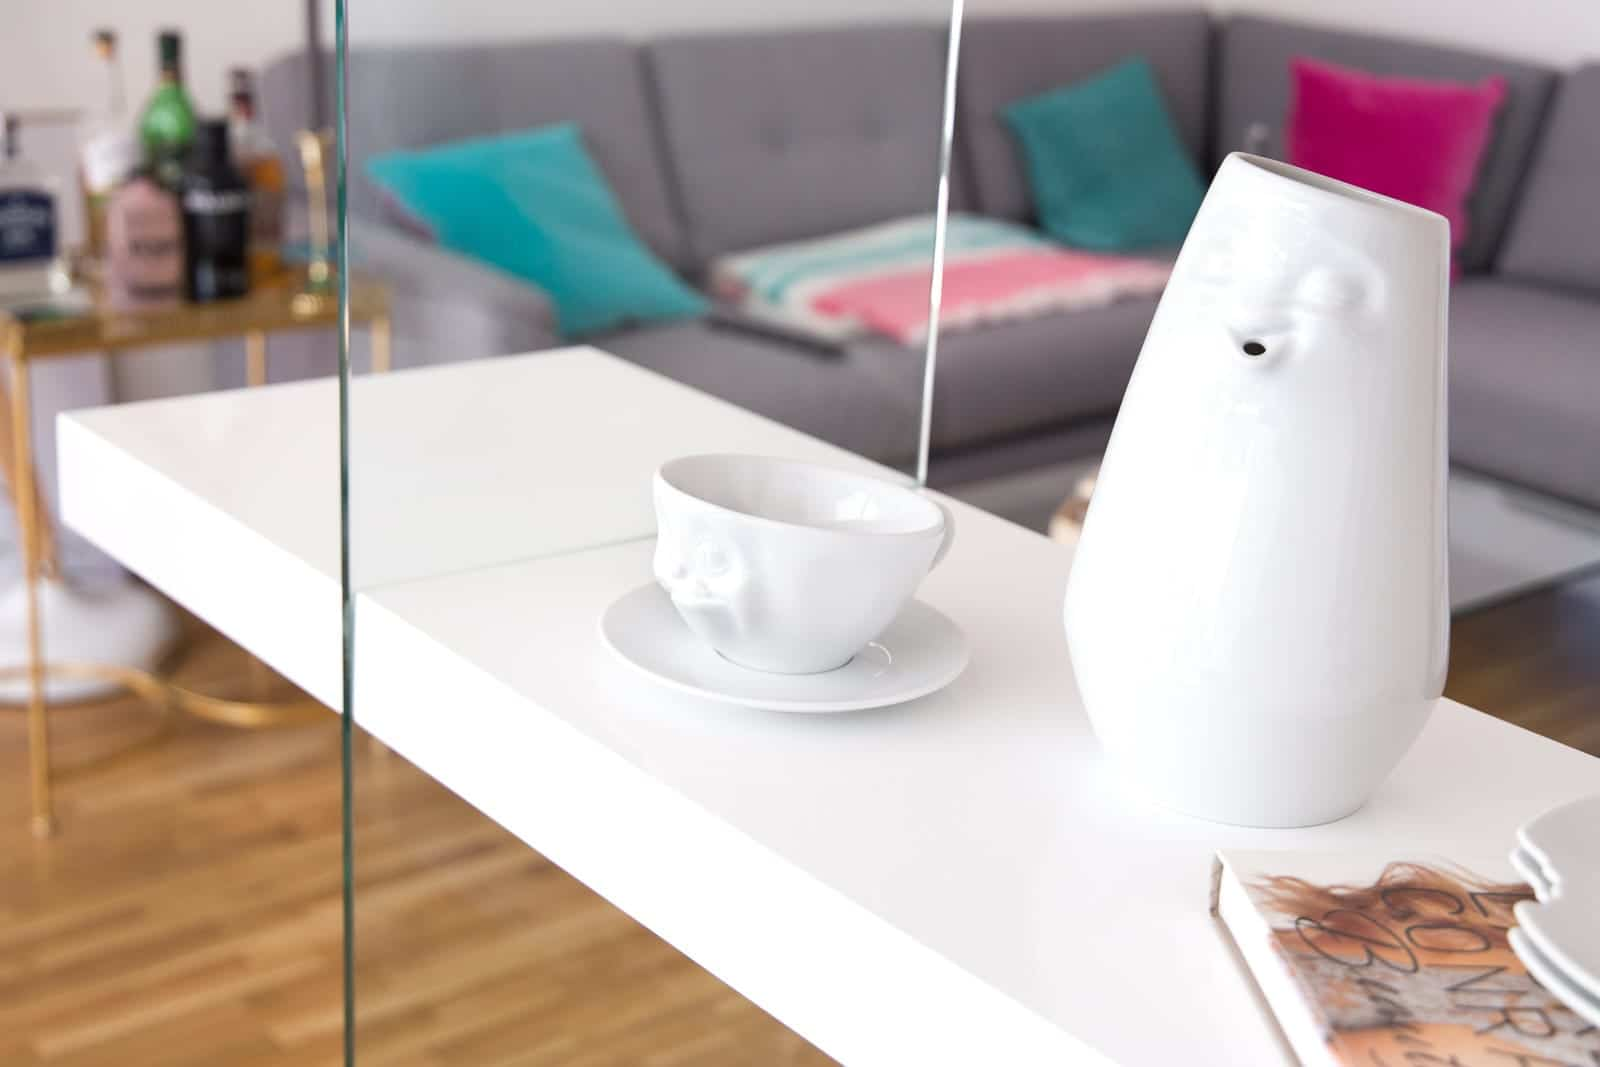 Wohnen im skandinavischen Stil: Glas Wohnzimmerregal + Dekotipps